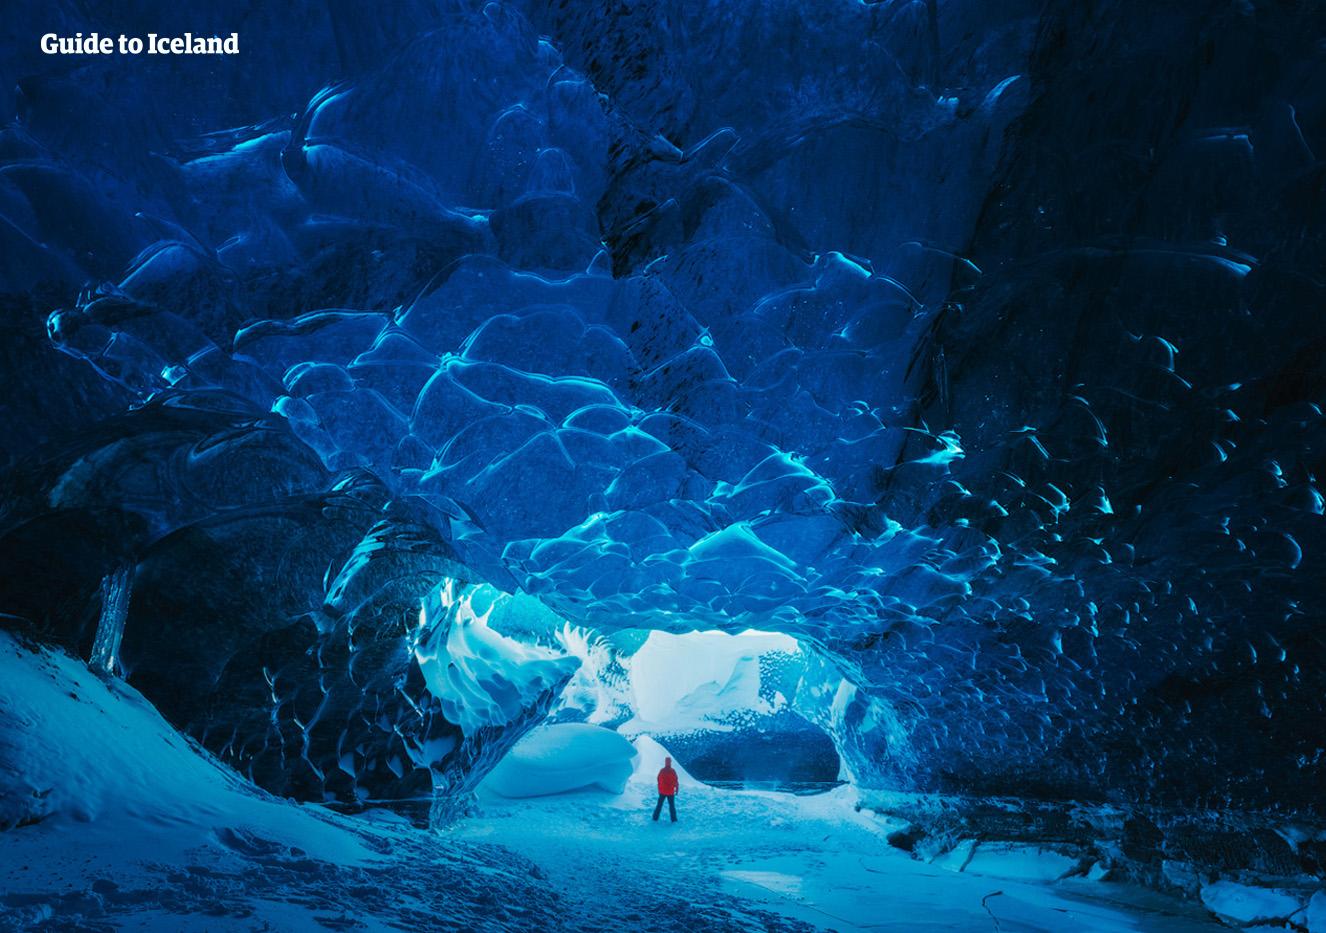 Los tours de espeleología en el glaciar Vatnajökull te llevarán a un mundo escondido dentro de la capa de hielo más grande de Europa.